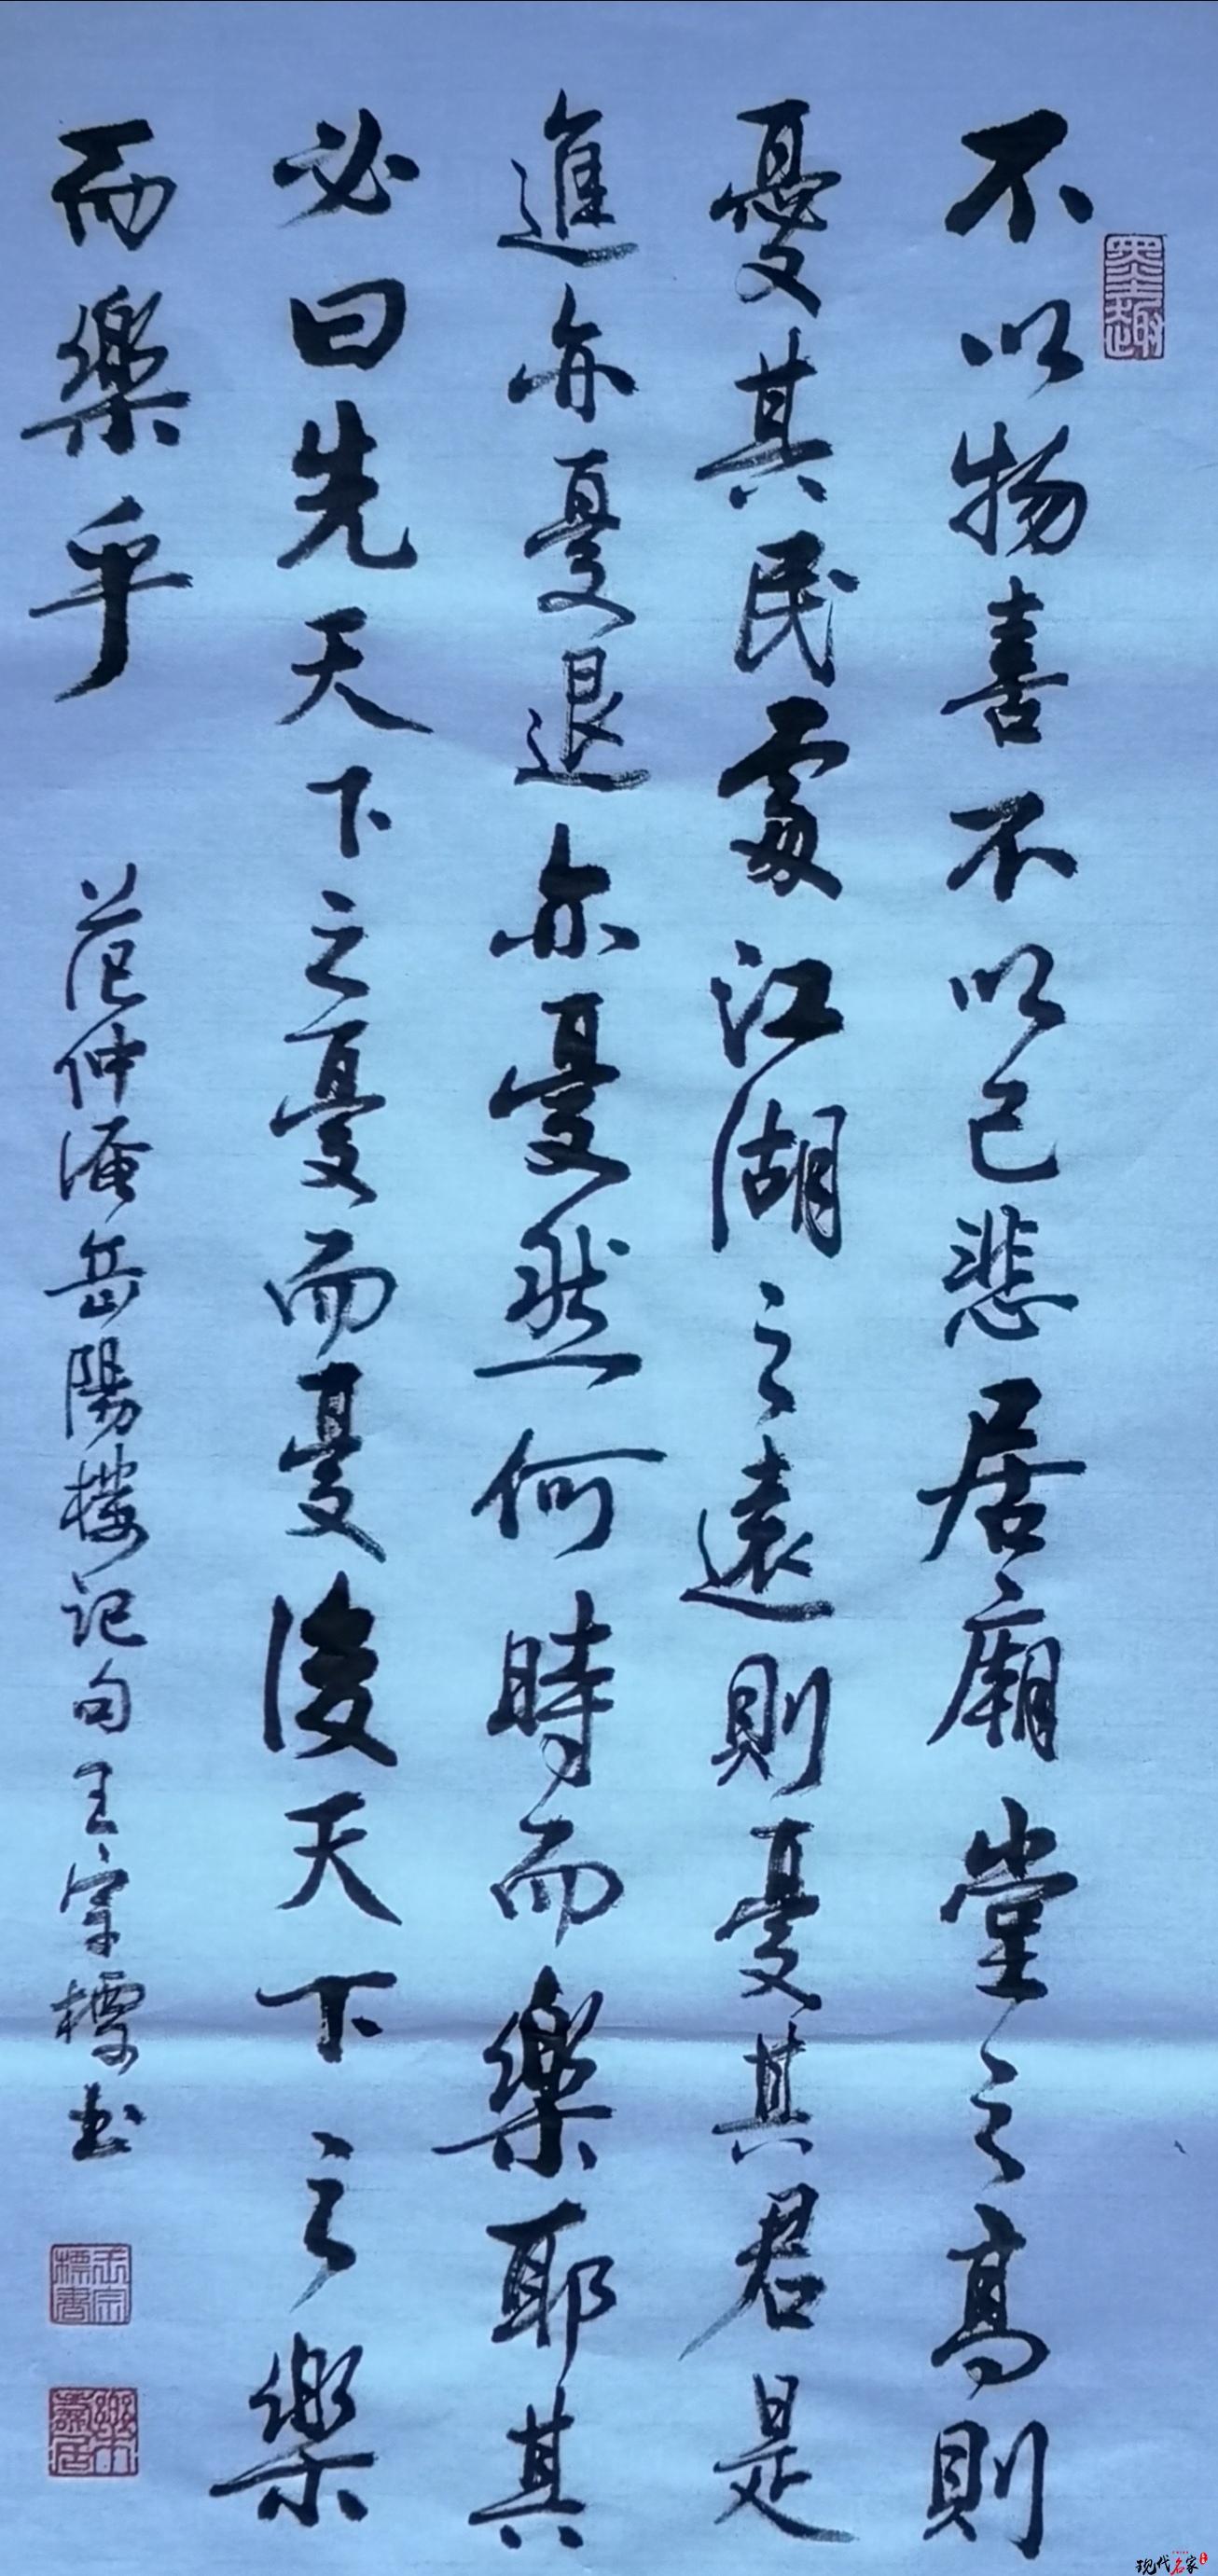 中国现代书法家——林迪、刘文明、王宗标、梁大宏-第10张